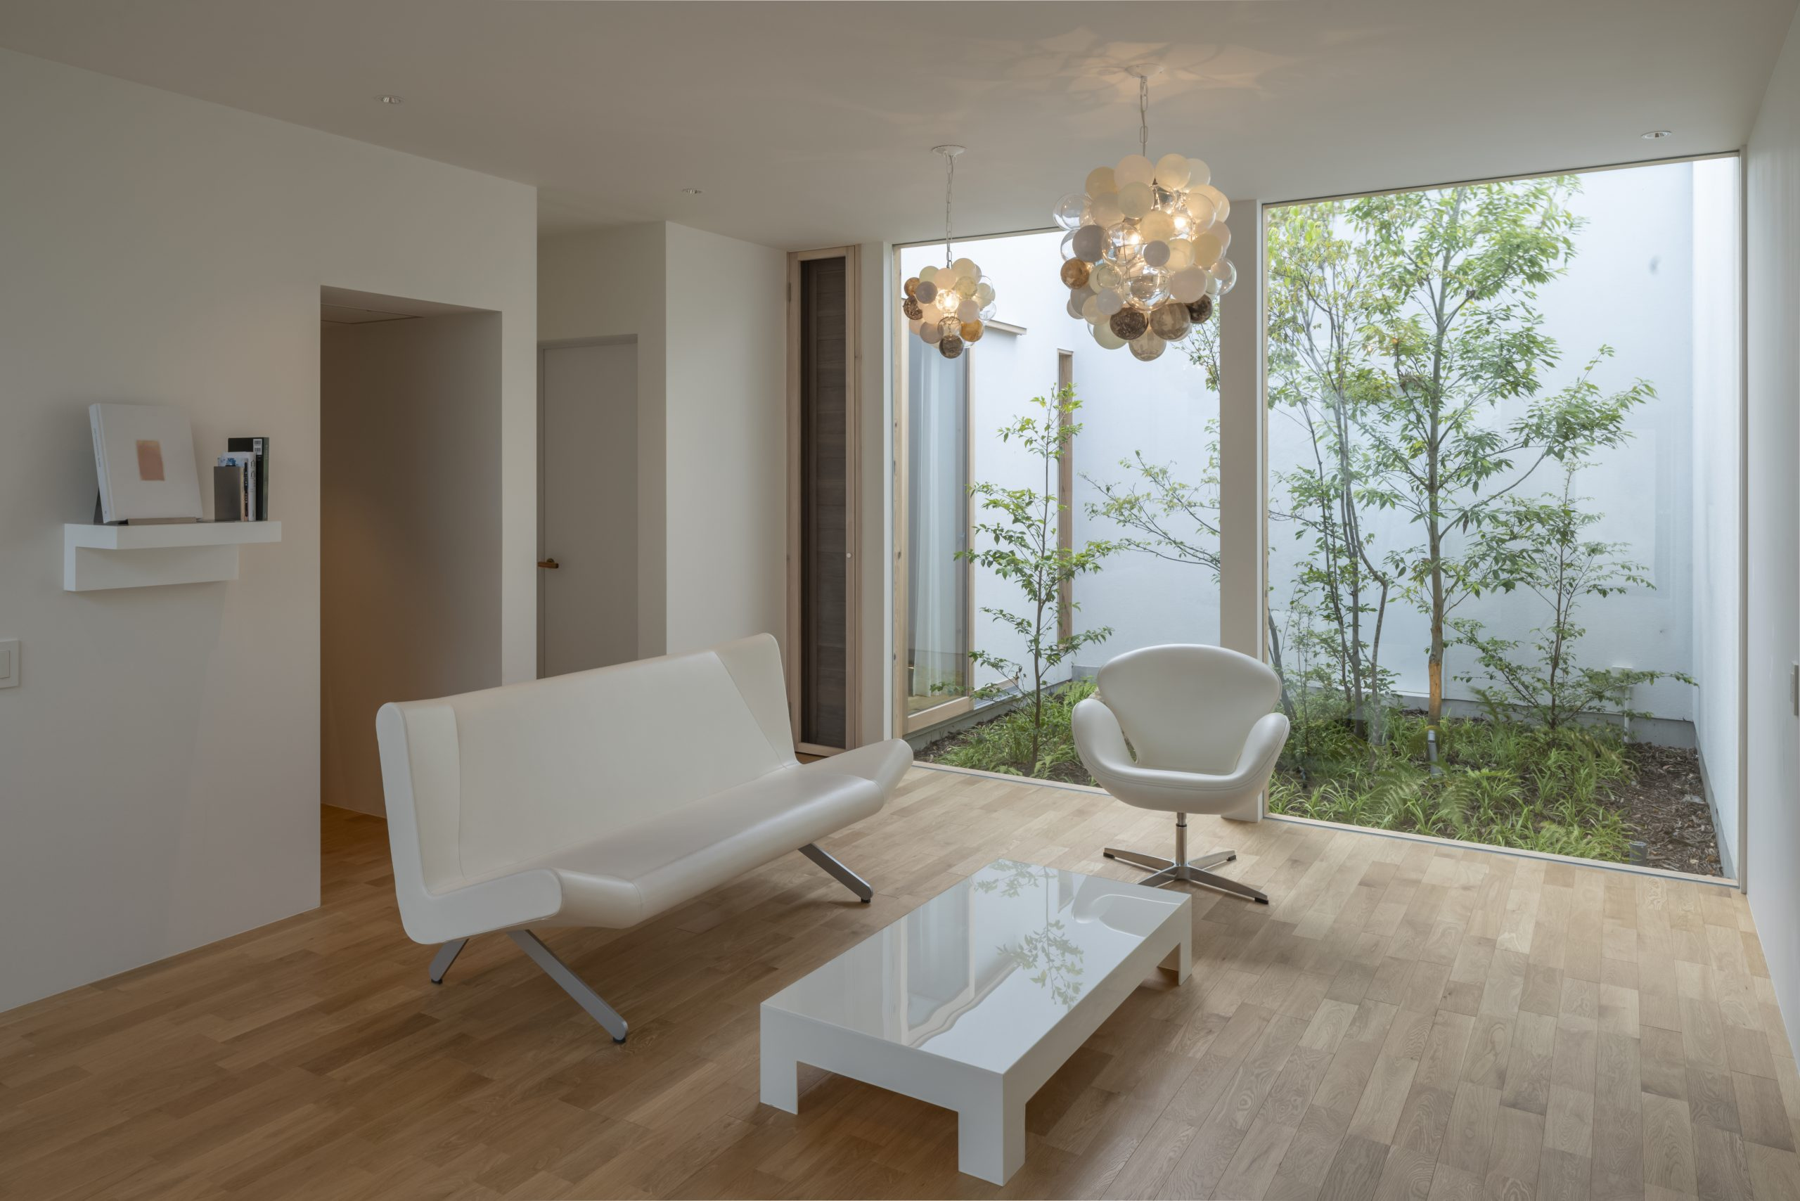 硝白(しょうはく)/硝子がテーマ。清潔感と透明感に満たされる空間。